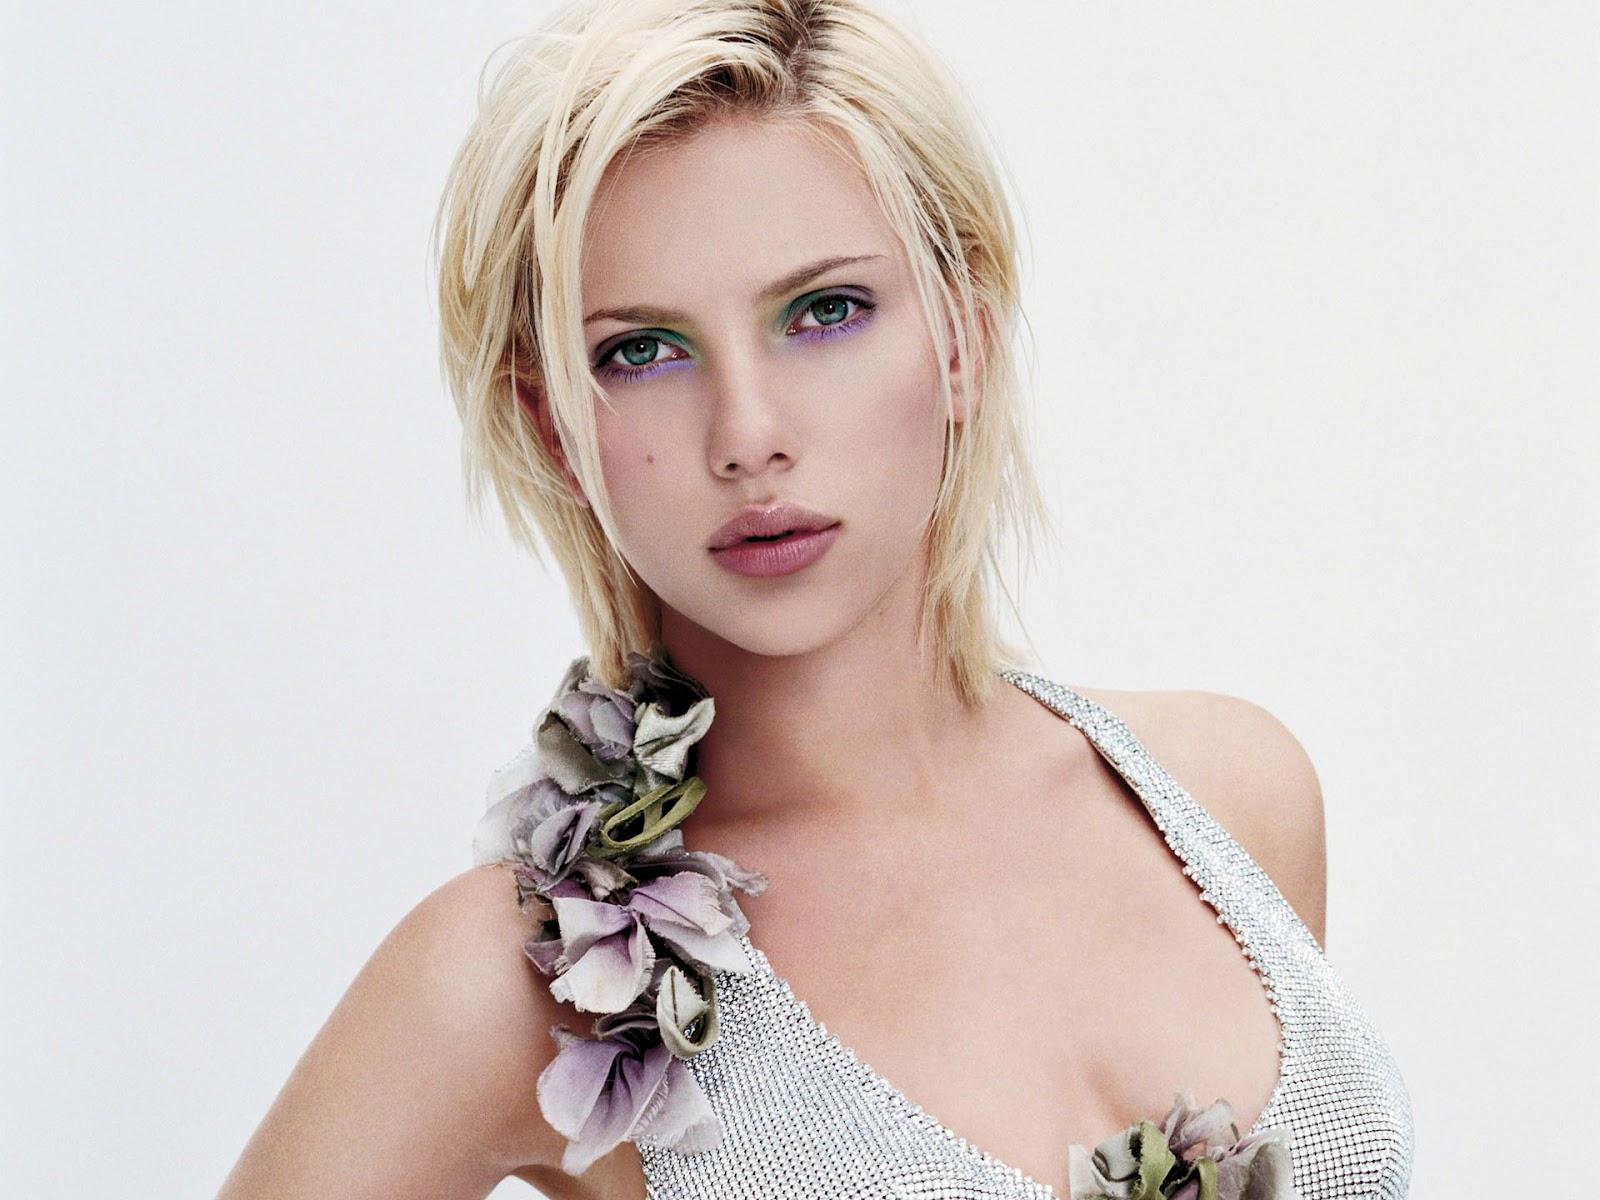 http://4.bp.blogspot.com/-HVZd9vI3gFc/TzH_pMwDmRI/AAAAAAAAFRg/mDJoJ-gcp_8/s1600/Scarlett-Johansson-05.jpg